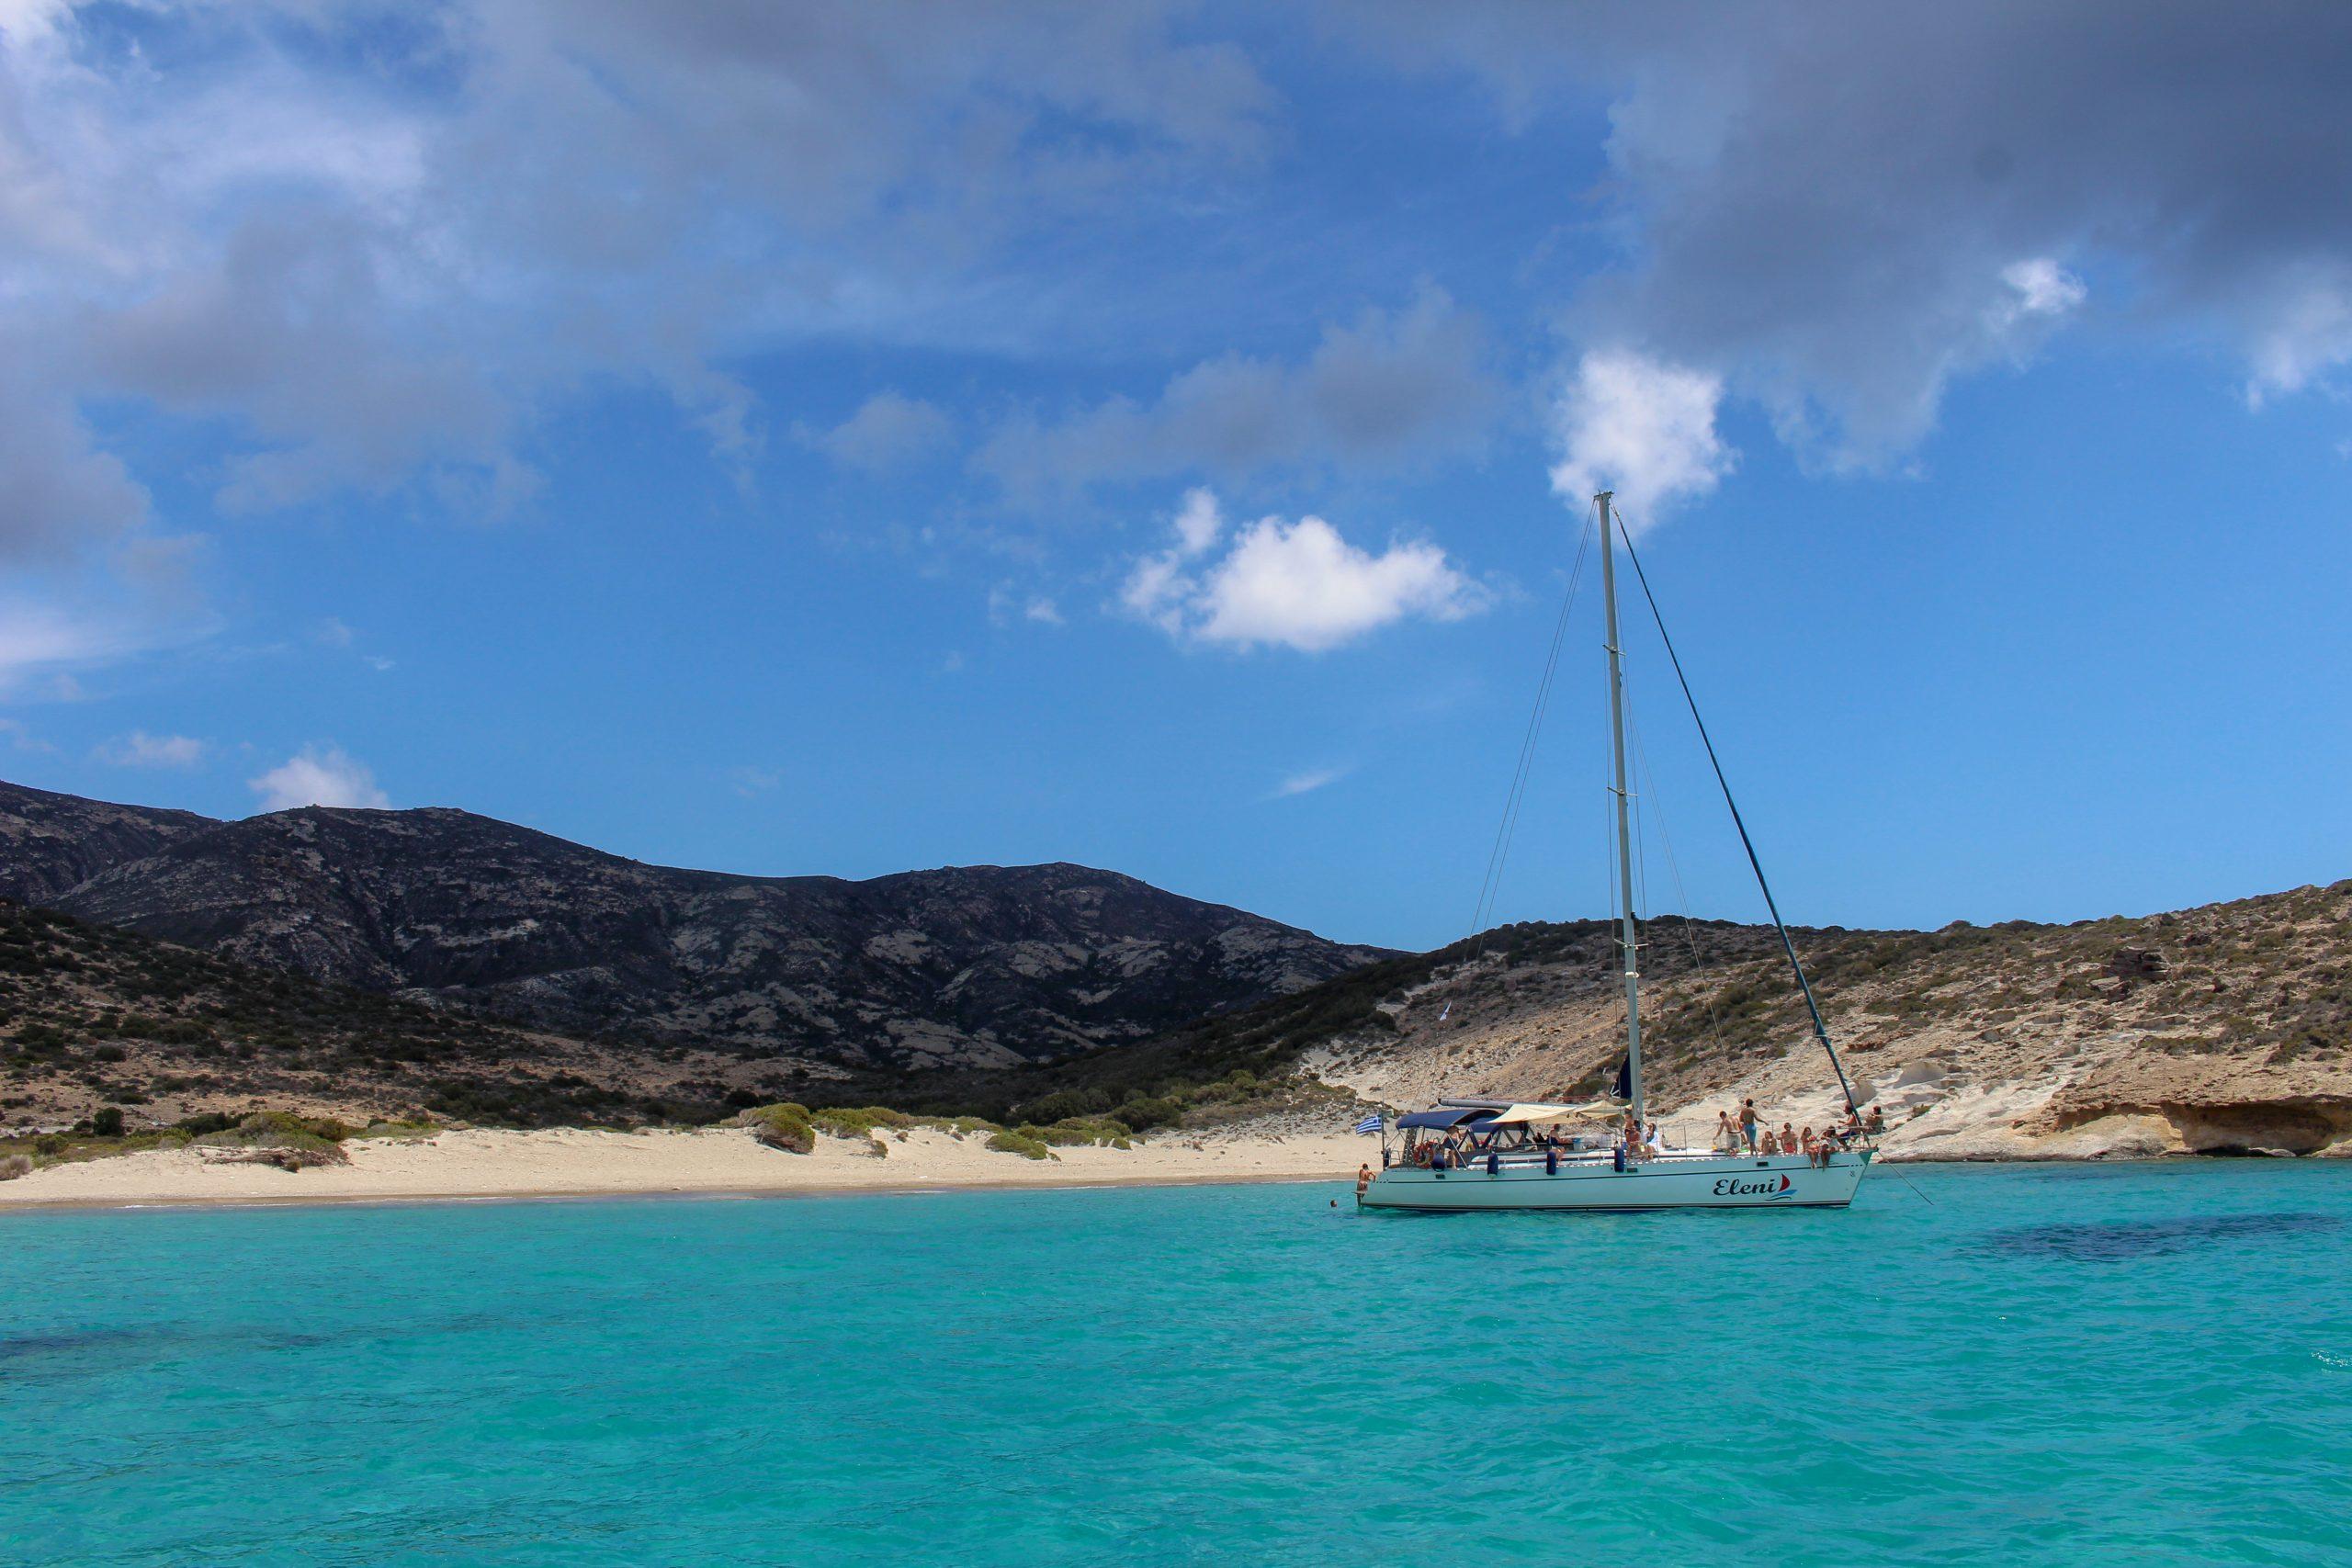 passeio_barco_praia